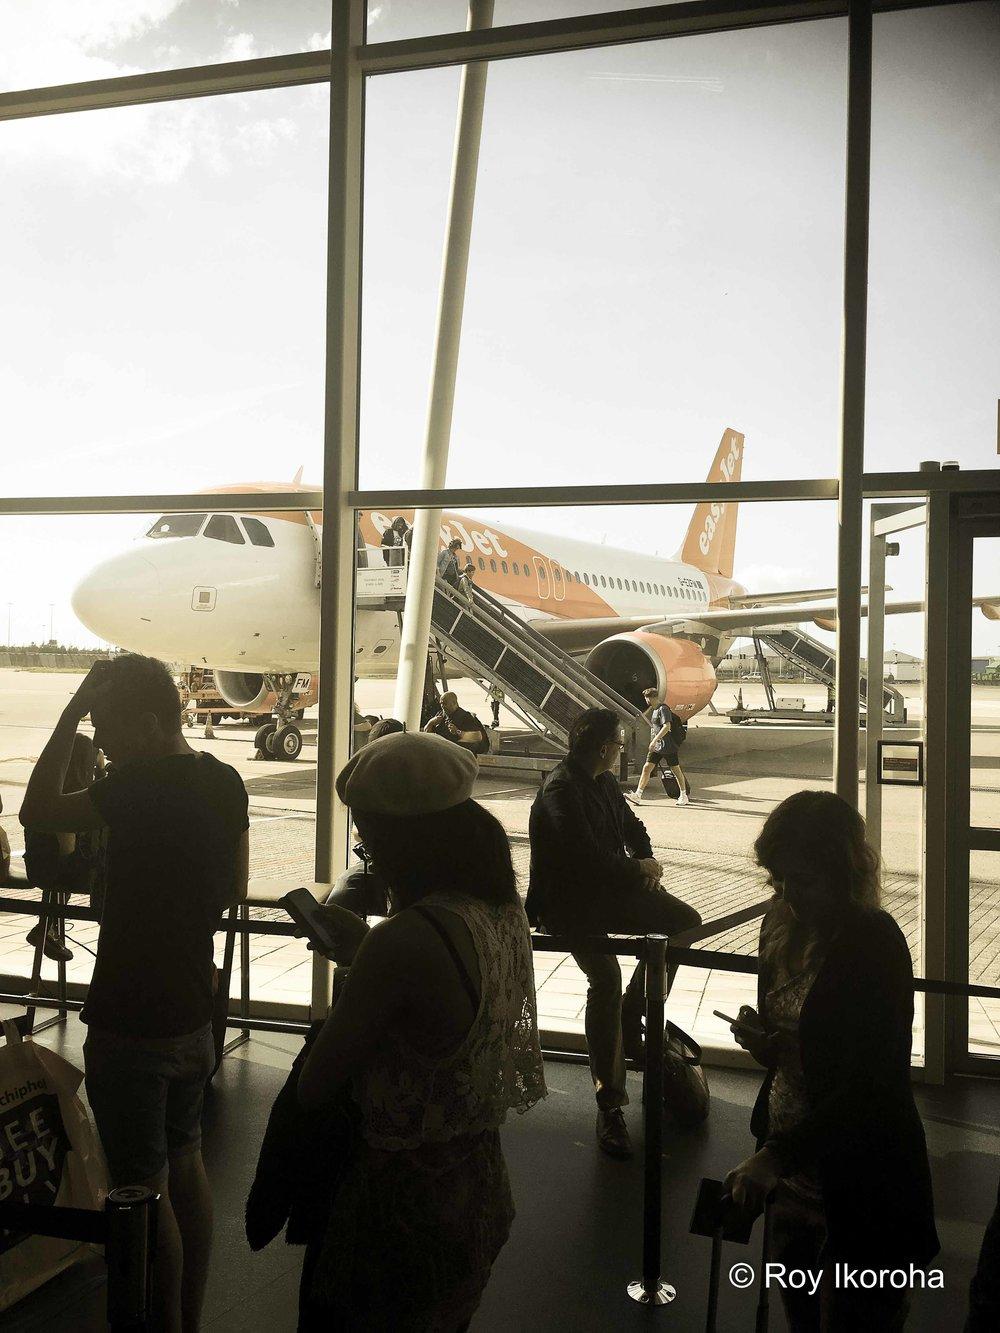 Schipol Airport, Amsterdam, Netherlands